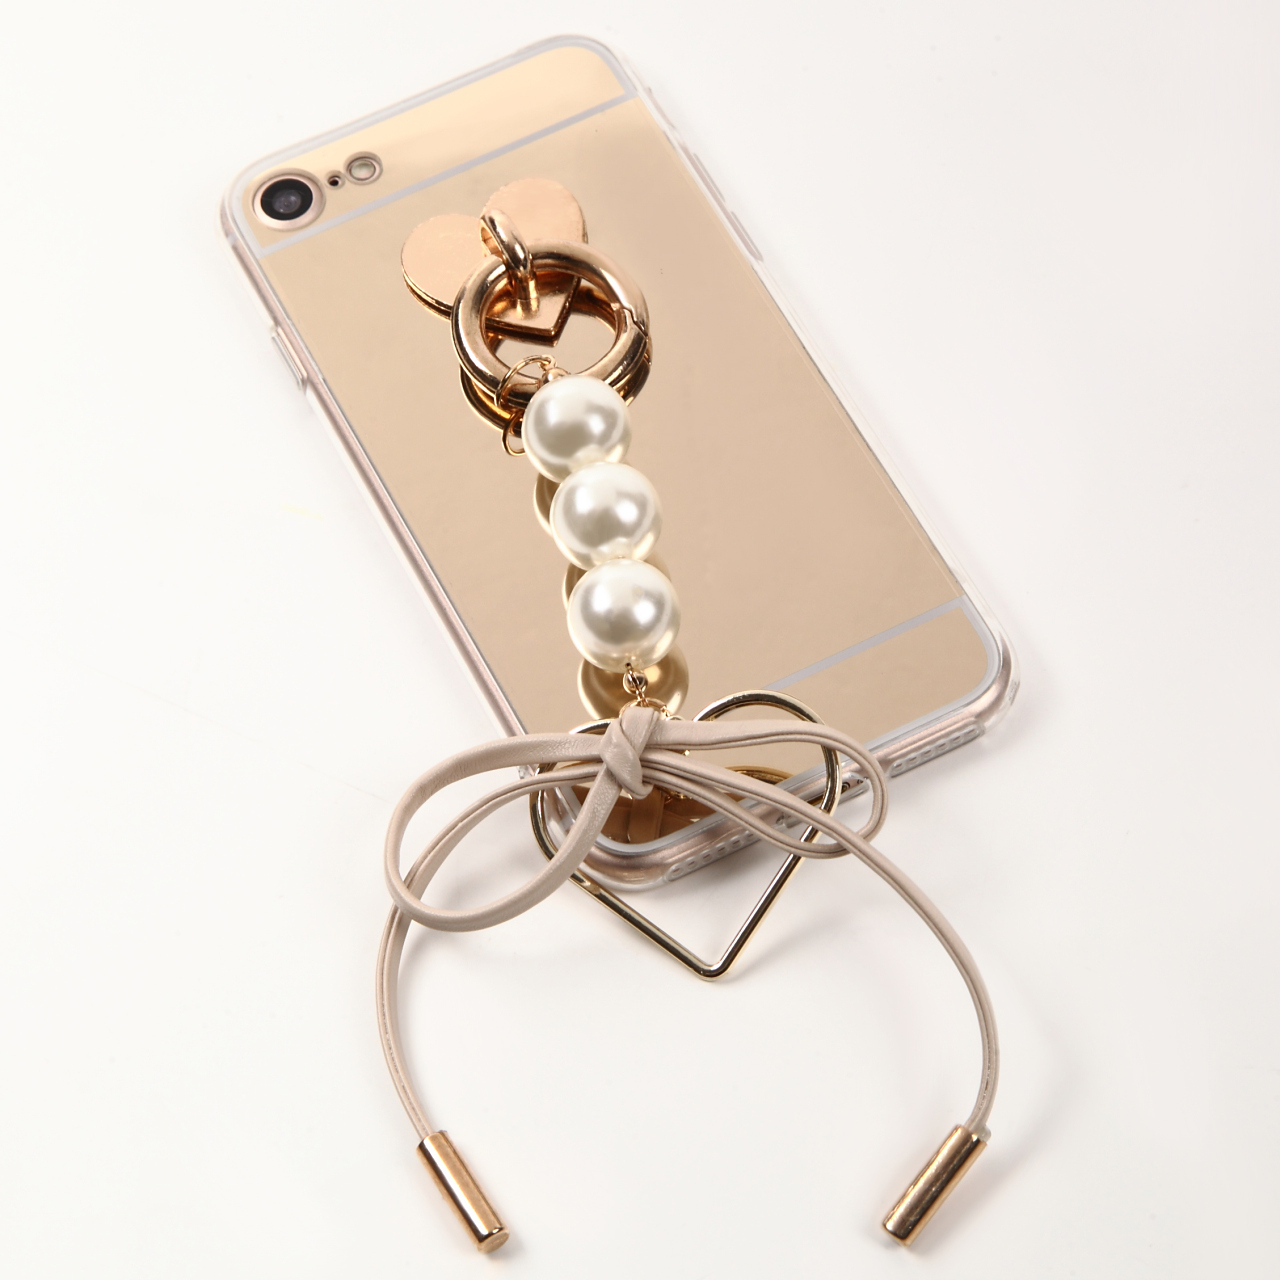 【即納★送料無料】ゴールドミラーソフトケースにかわいいパール&リボン付iPhoneケース